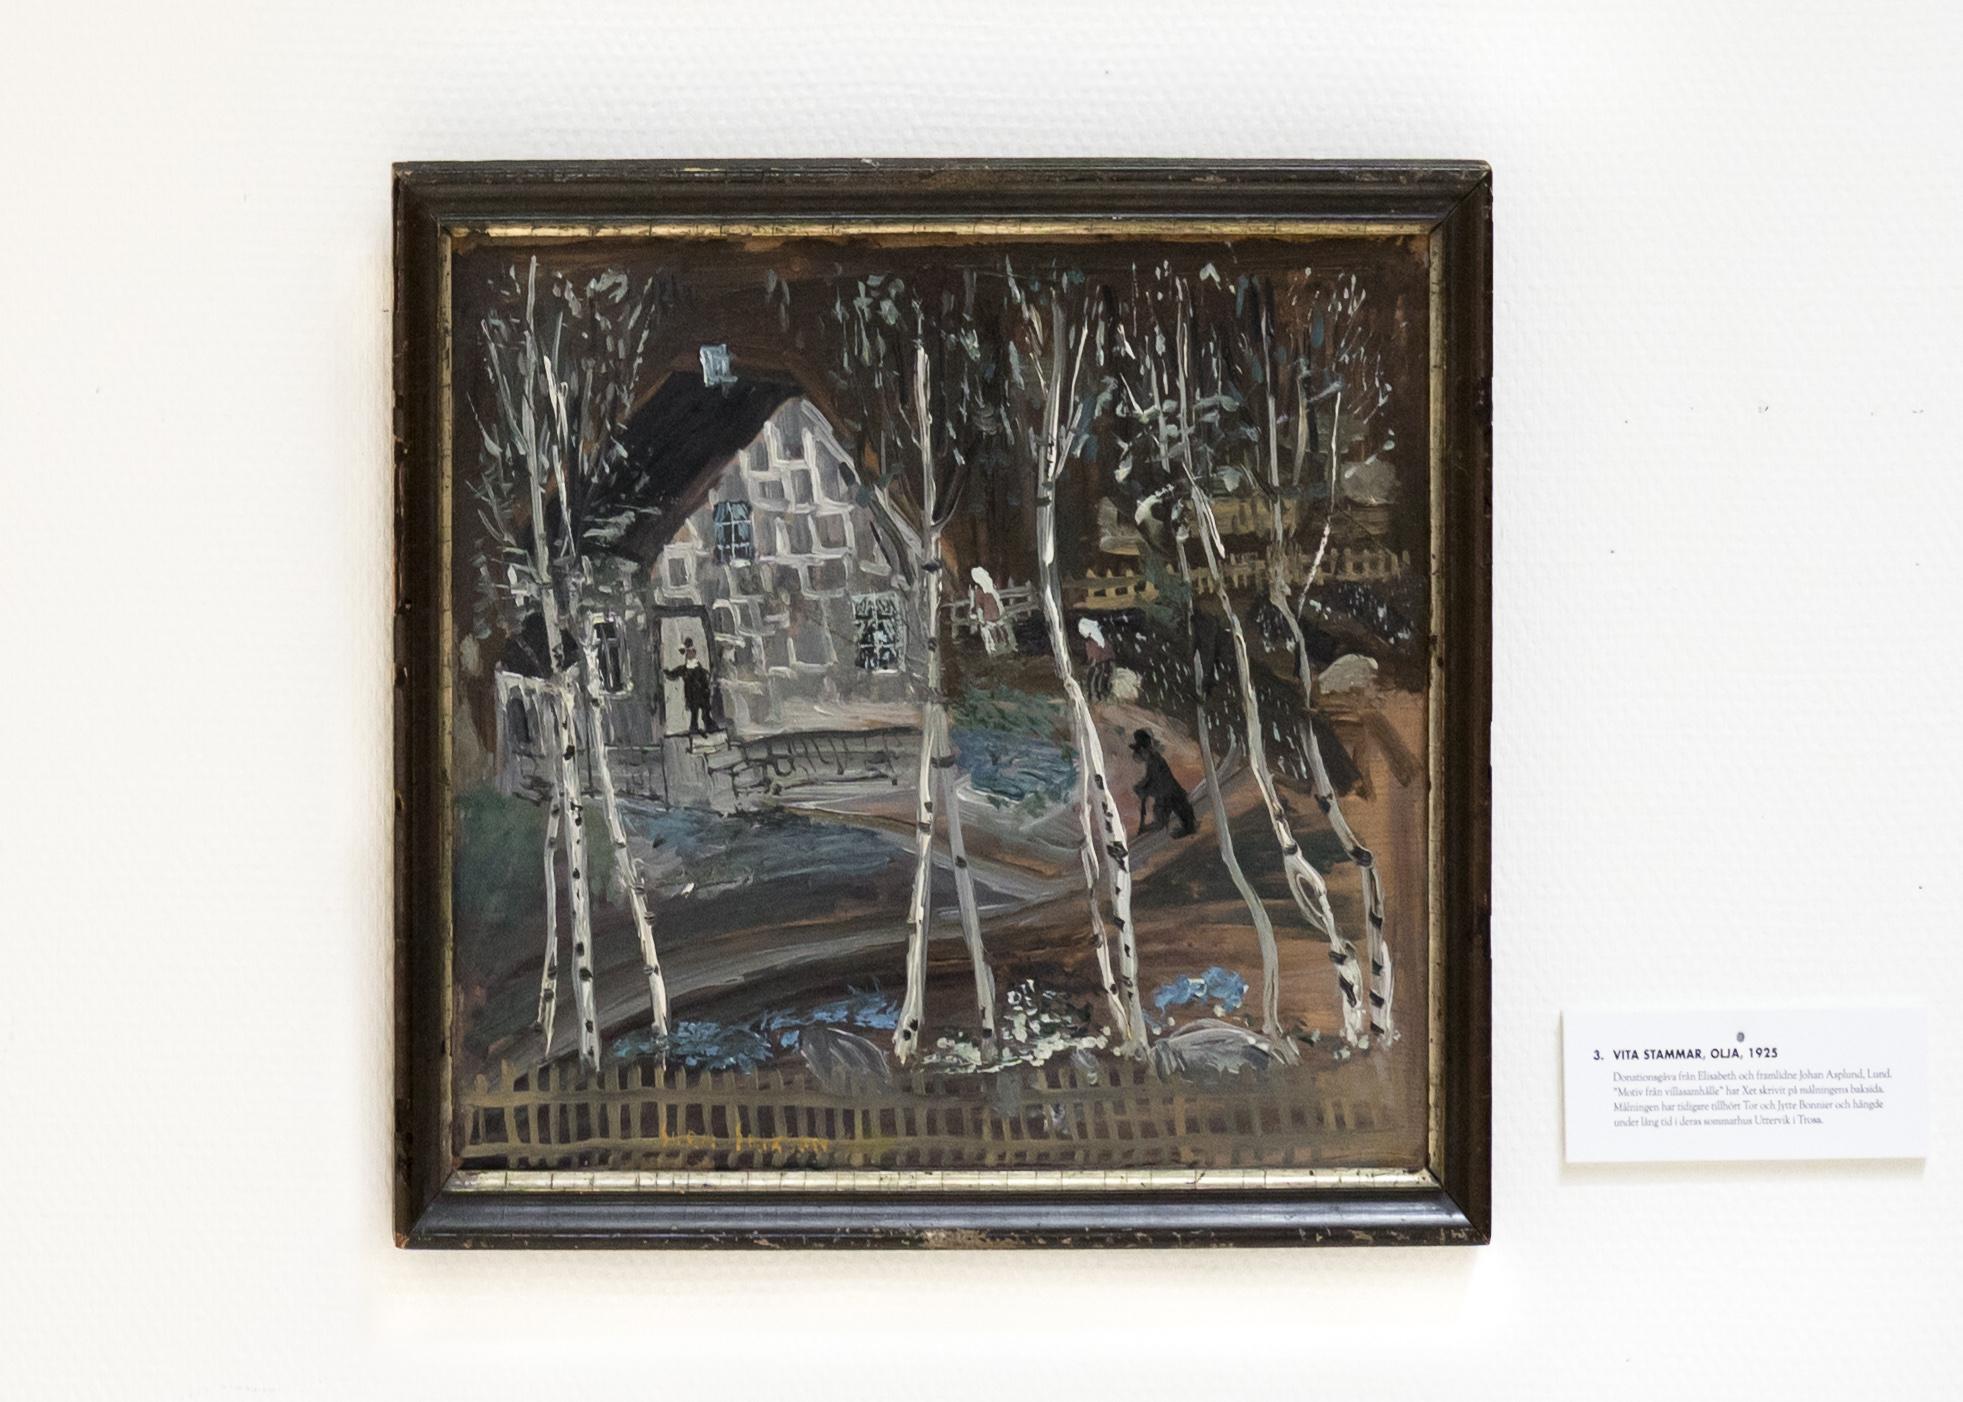 Vita stammar, olja, 1925